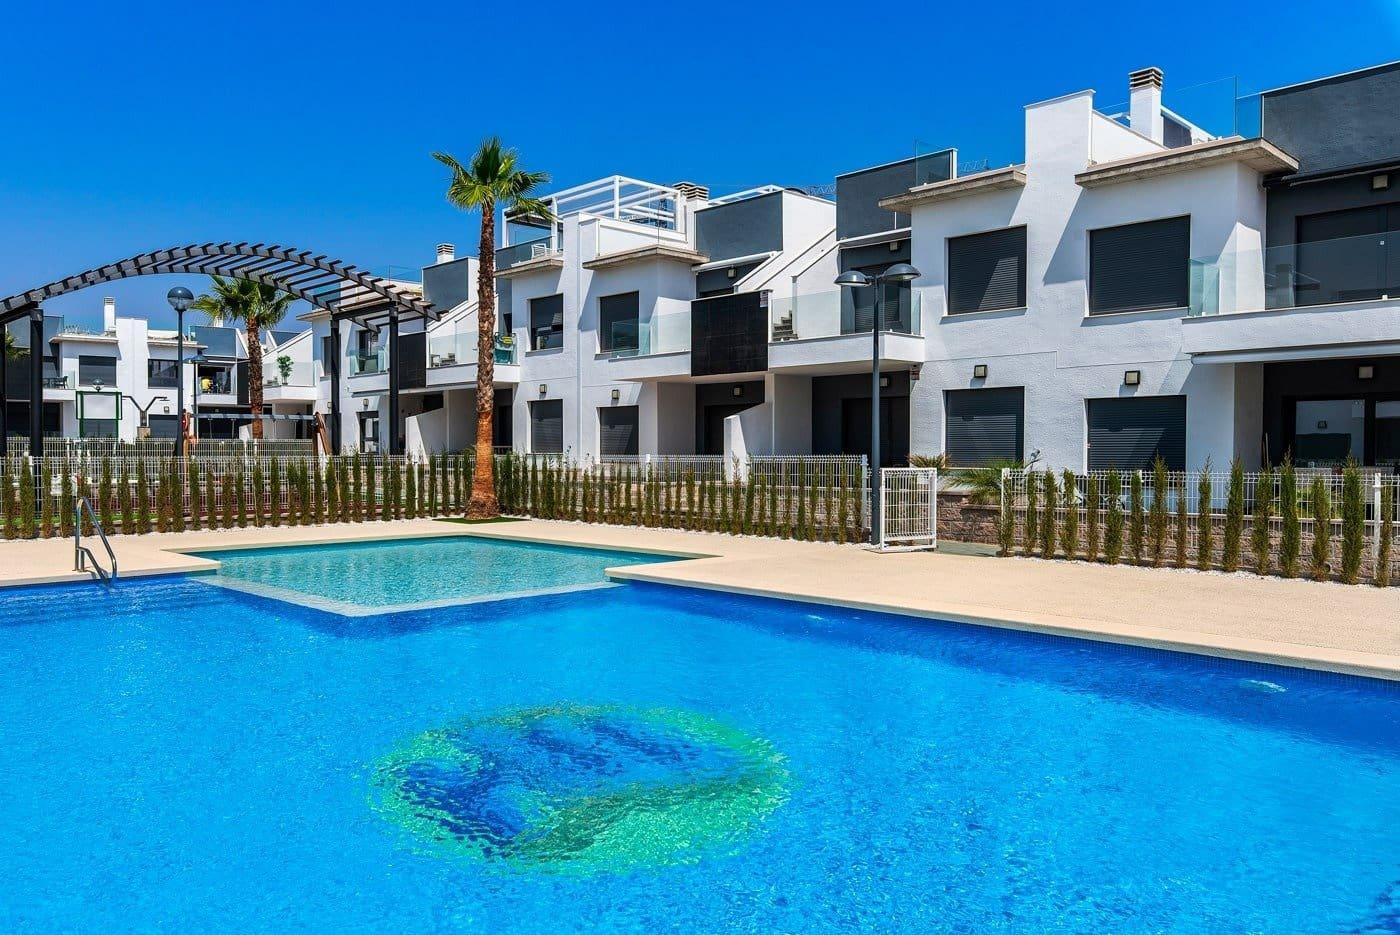 Adosado de 1 habitación en Pilar de la Horadada en venta con piscina - 99.900 € (Ref: 4486412)